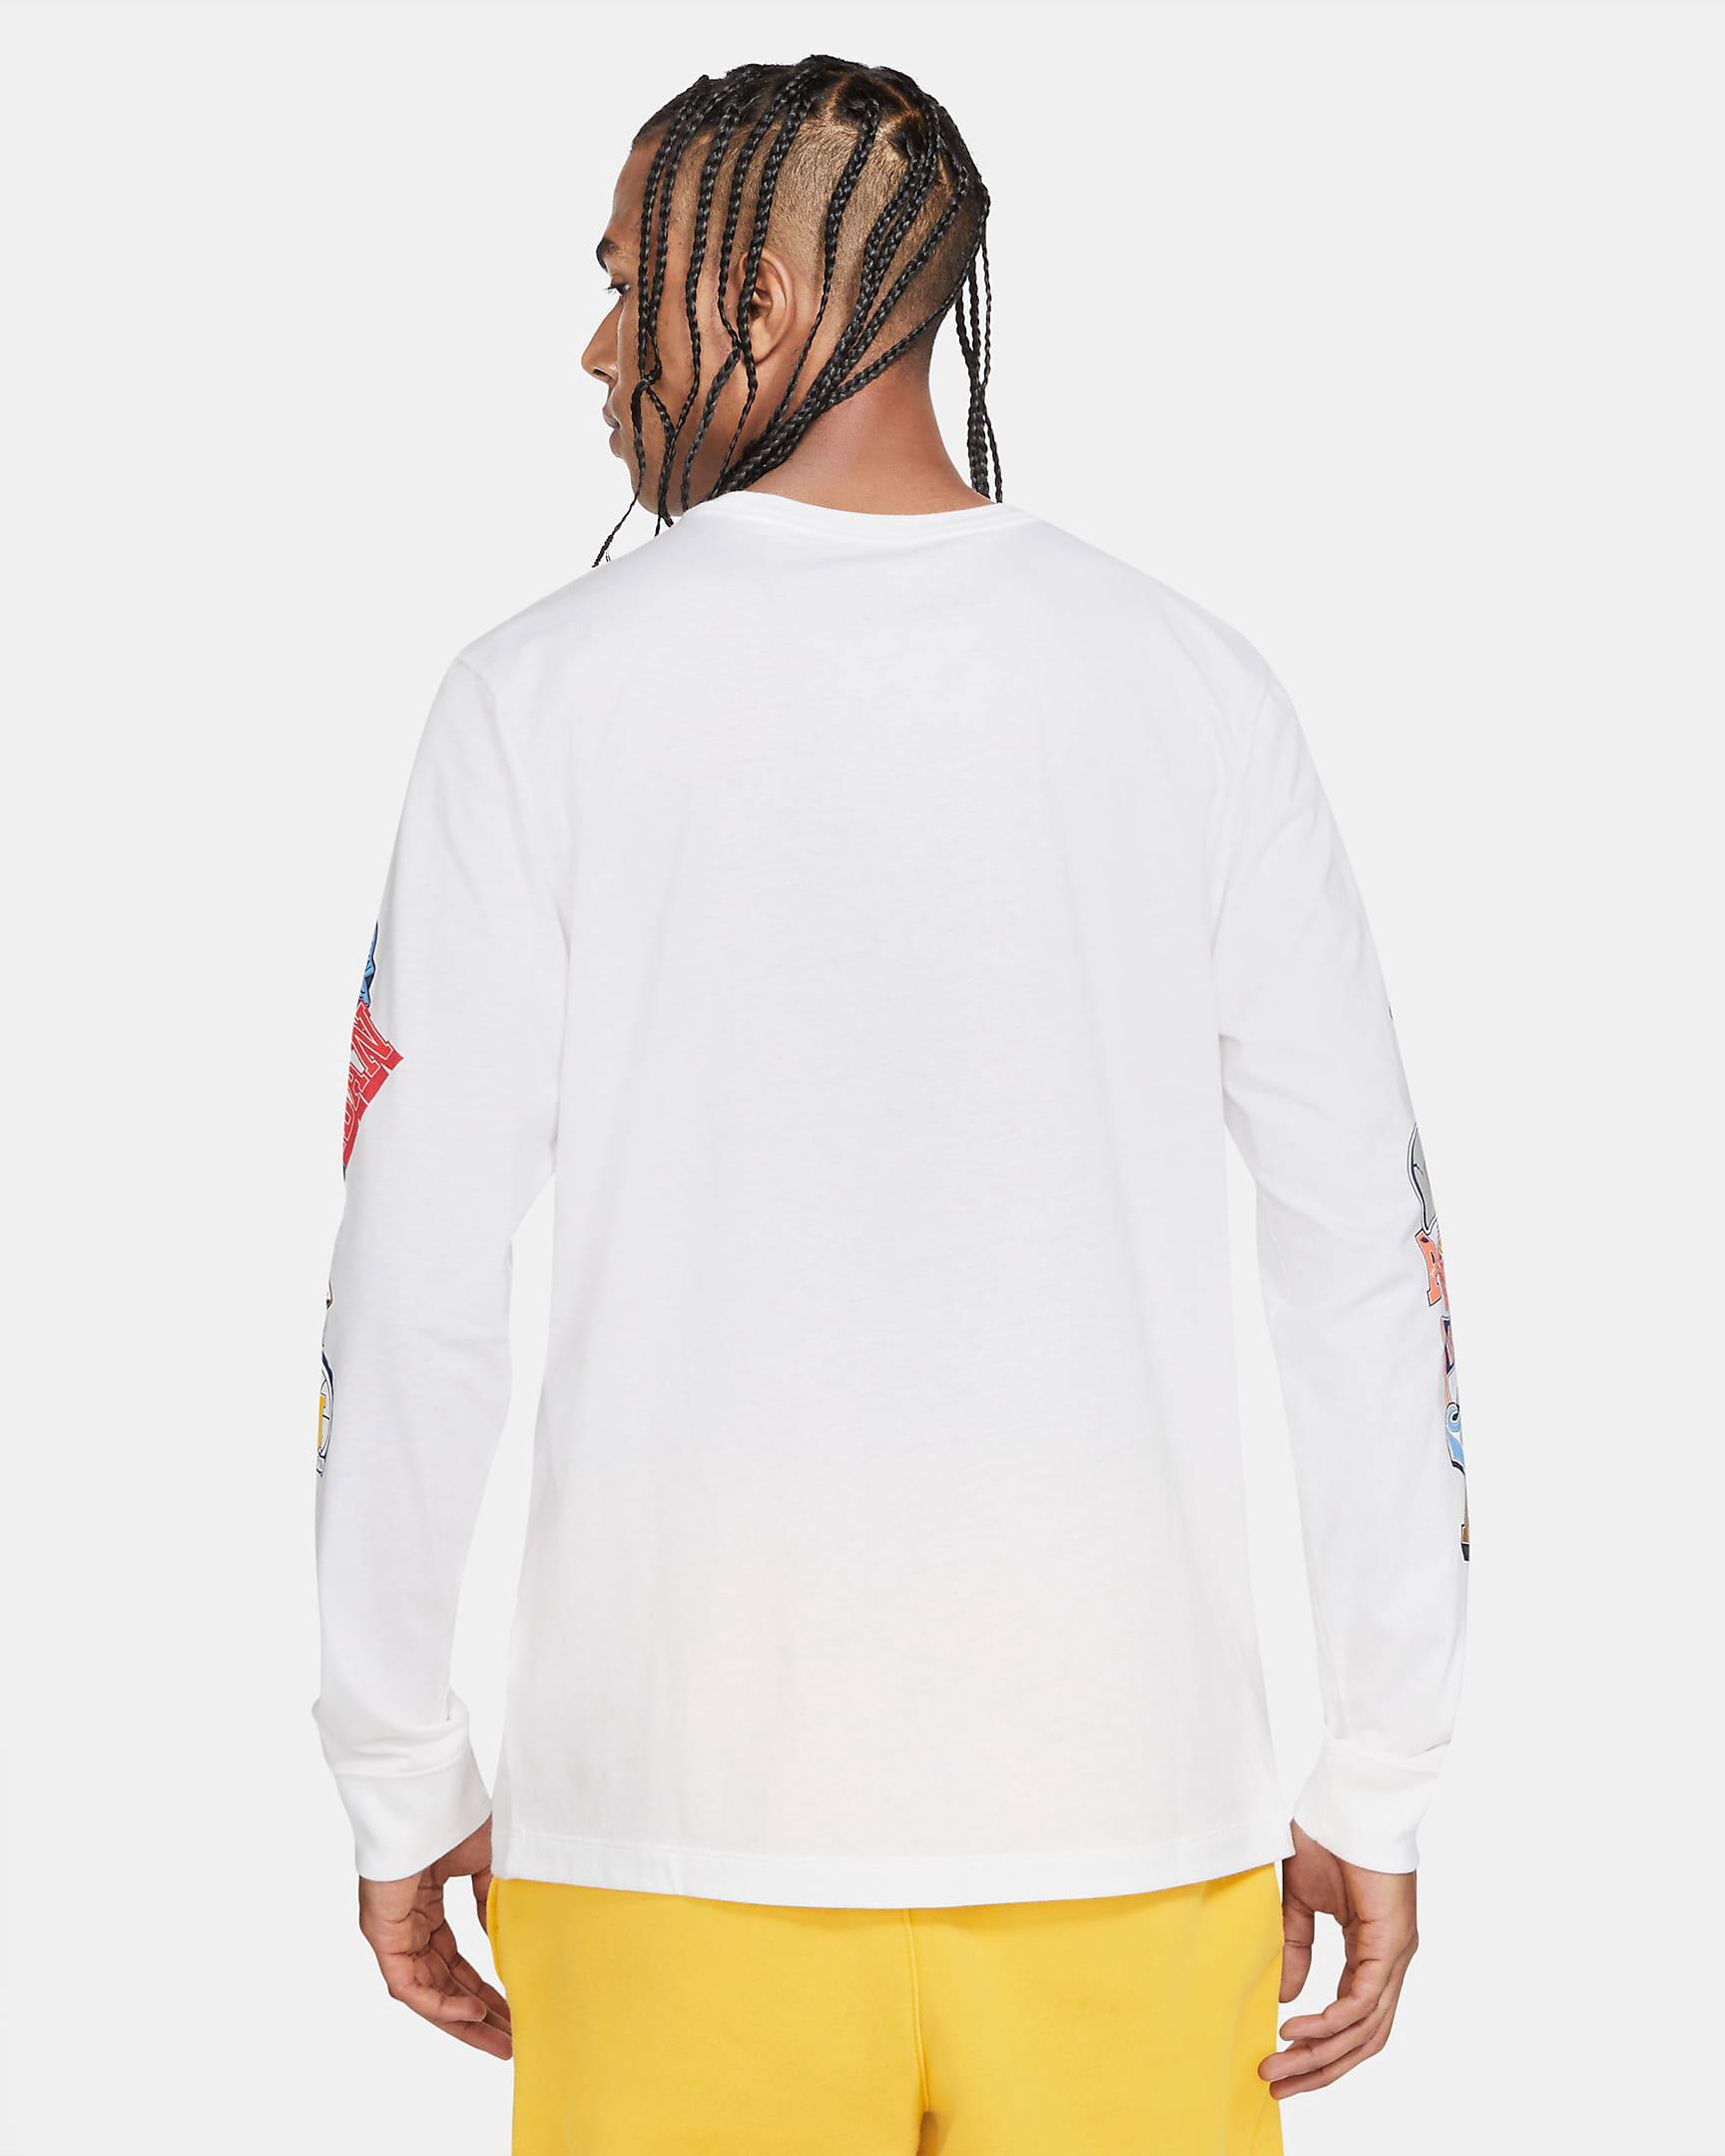 jordan-varsity-long-sleeve-shirt-white-5